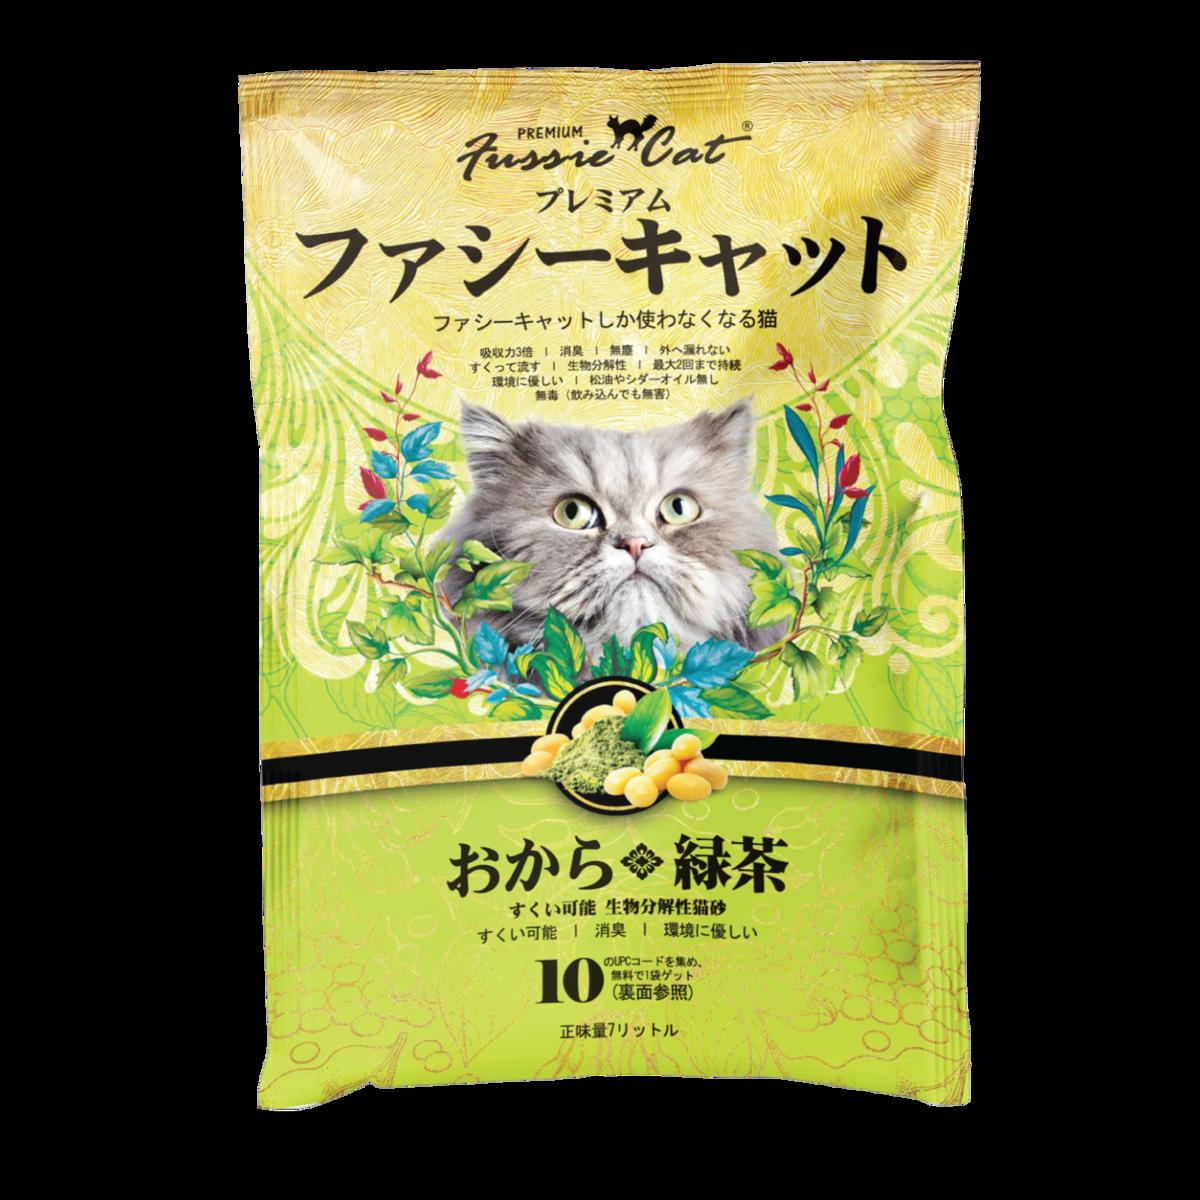 綠茶味豆腐貓砂 7L裝X 3包